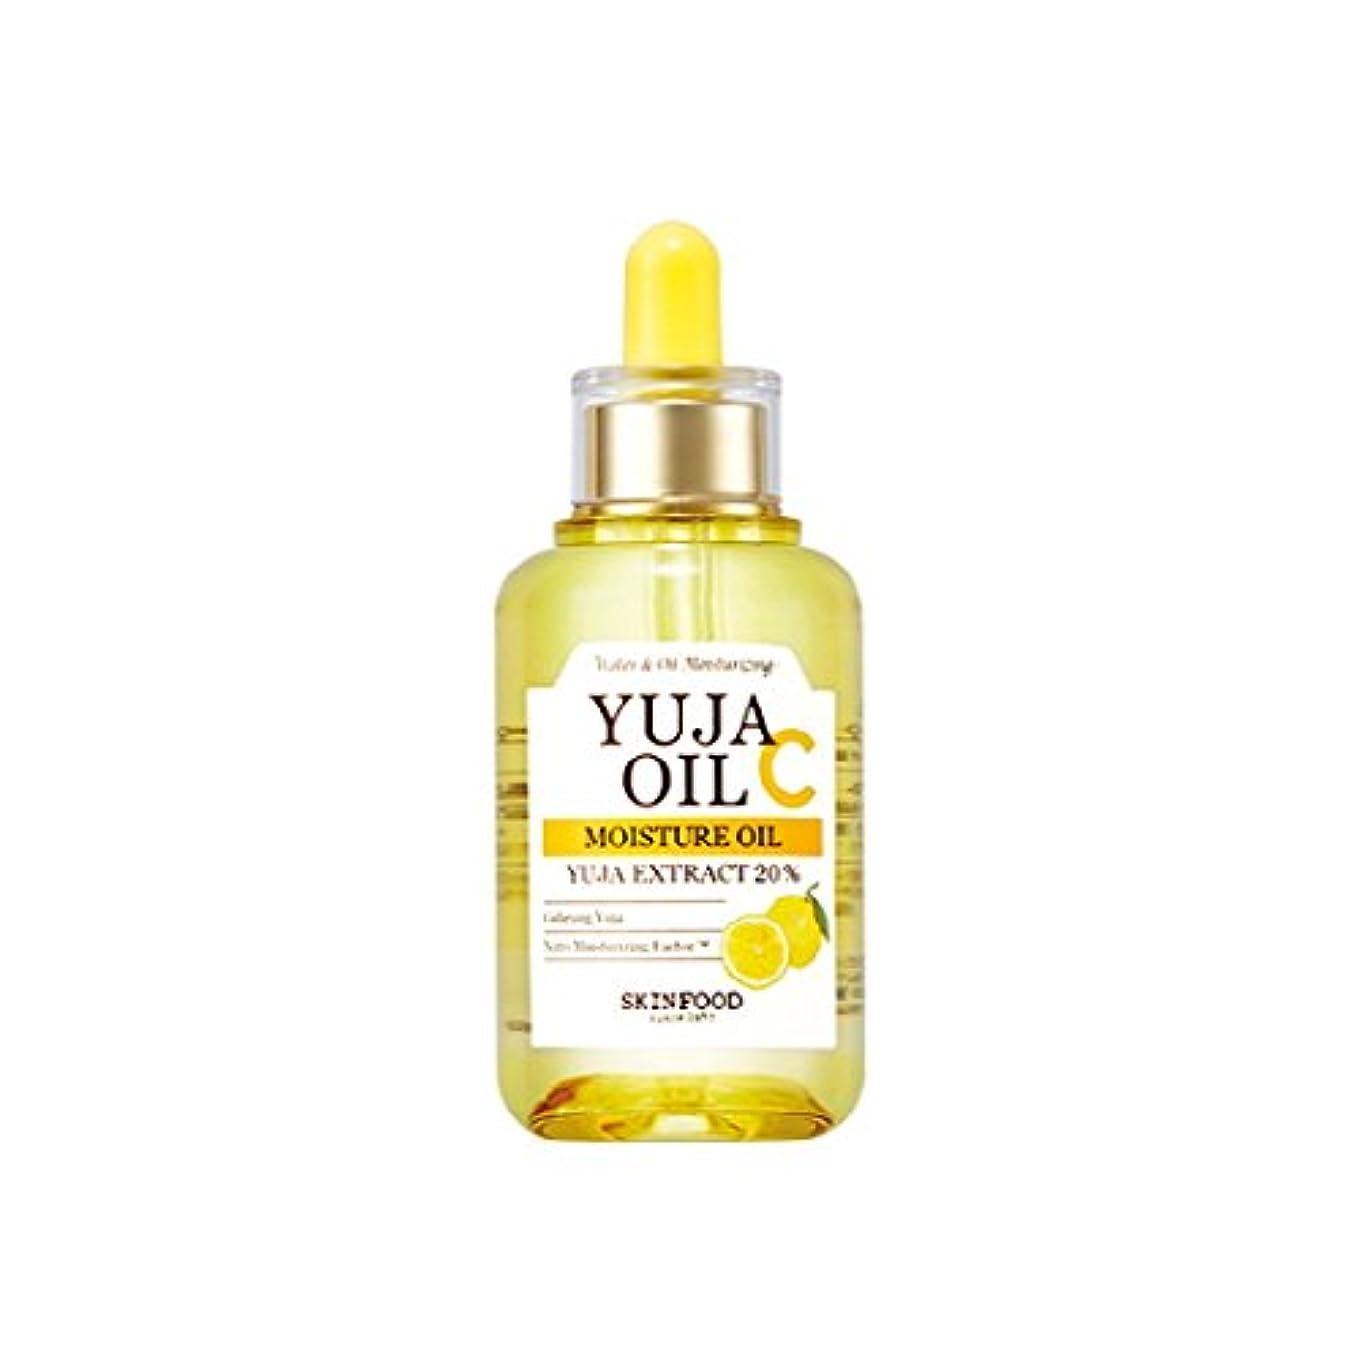 エピソード速いシガレット[New] SKINFOOD Yuja Oil C Moisture Oil 53ml/スキンフード 柚子 オイル C モイスチャー オイル 53ml [並行輸入品]